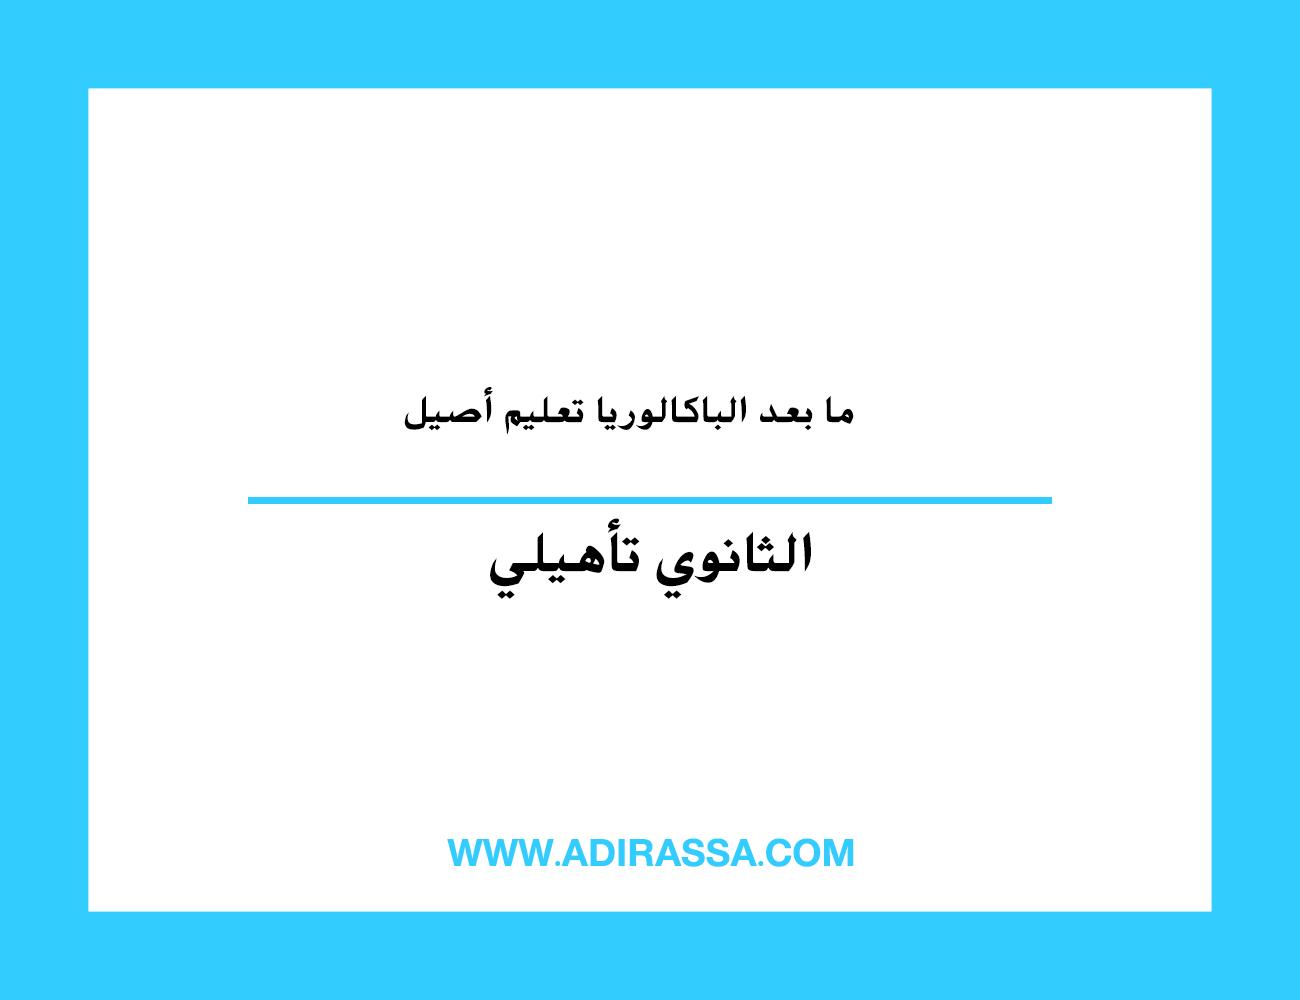 ما بعد الباكالوريا تعليم أصيل حسب المؤسسات و التكوينات بالمملكة المغربية